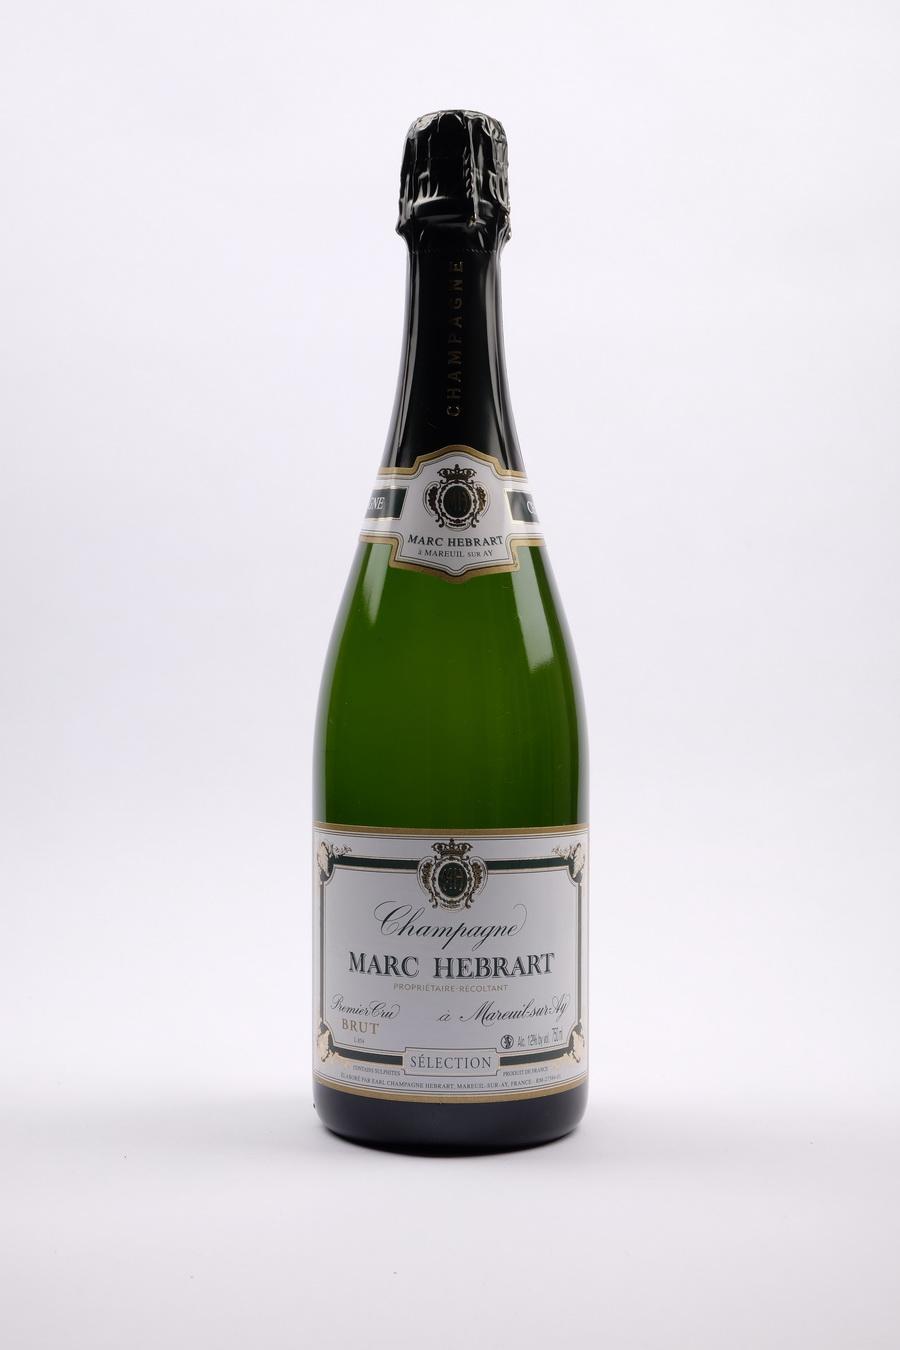 M. Hébrart - Champagne Selection 1er Cru Brut